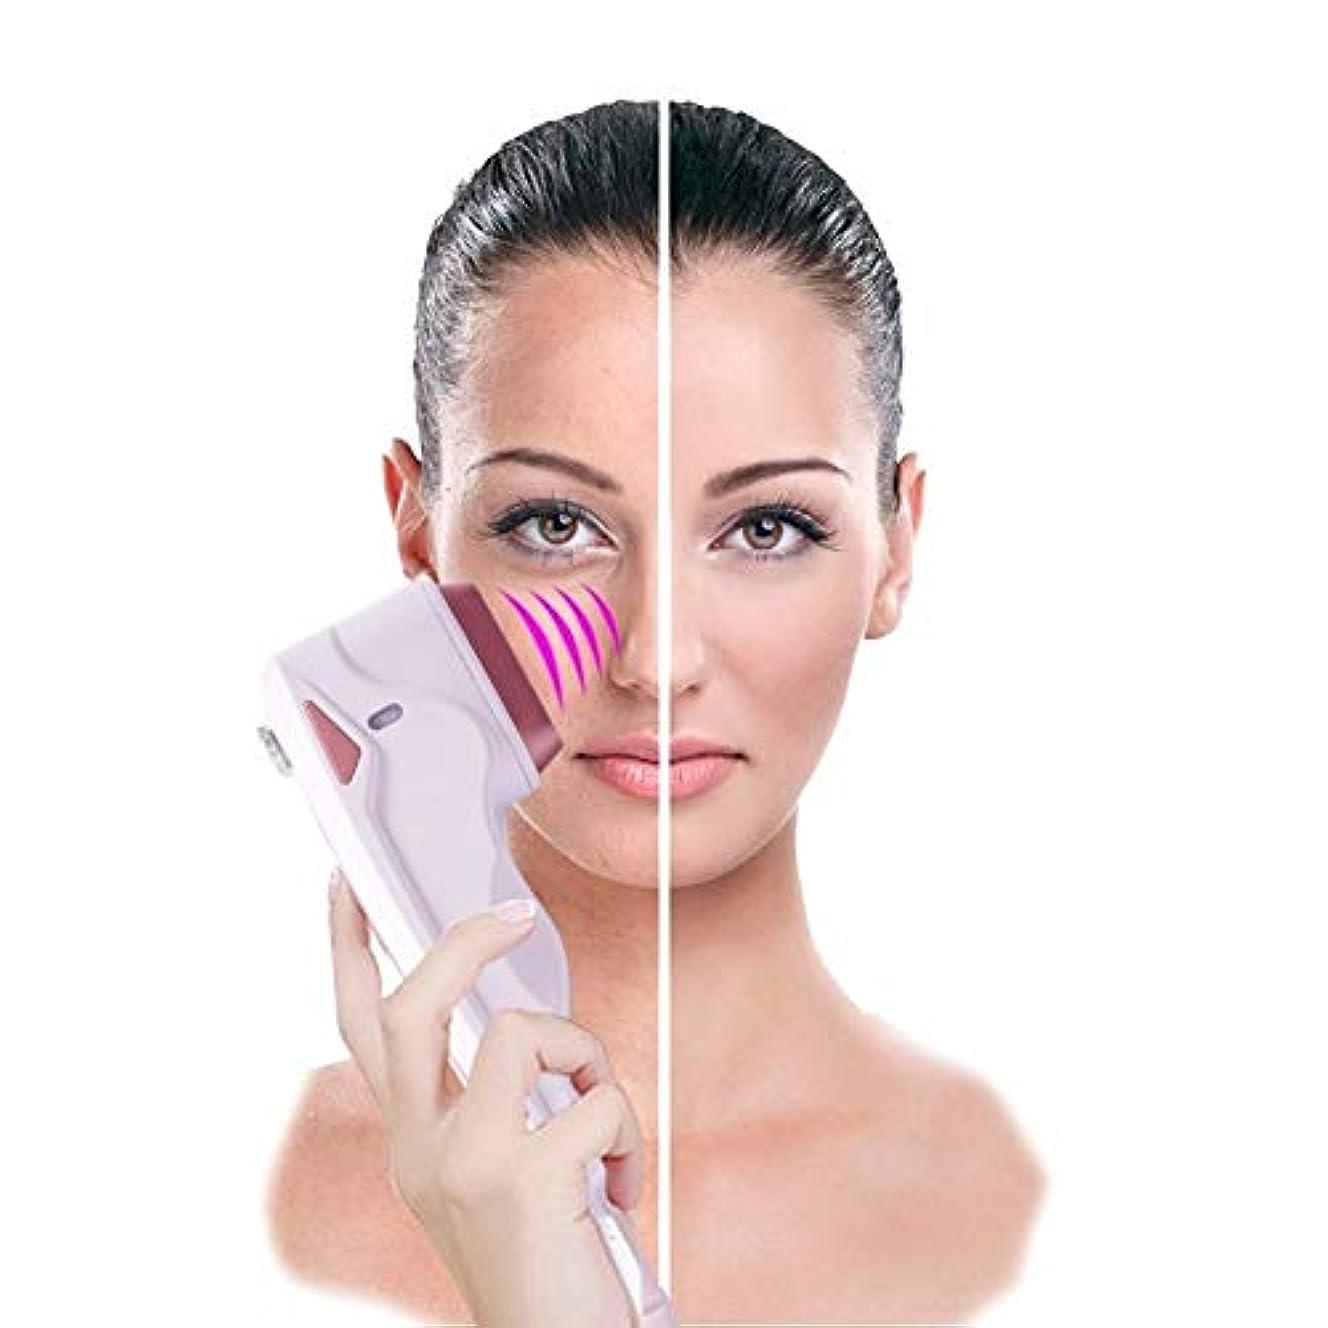 アナウンサー課税留め金美顔術の持ち上がる機械振動無線周波数のしわは反老化のためのスキンケアの美装置を取り除きます、皮膚のきつく締まるガルバニック微電流の改装機械